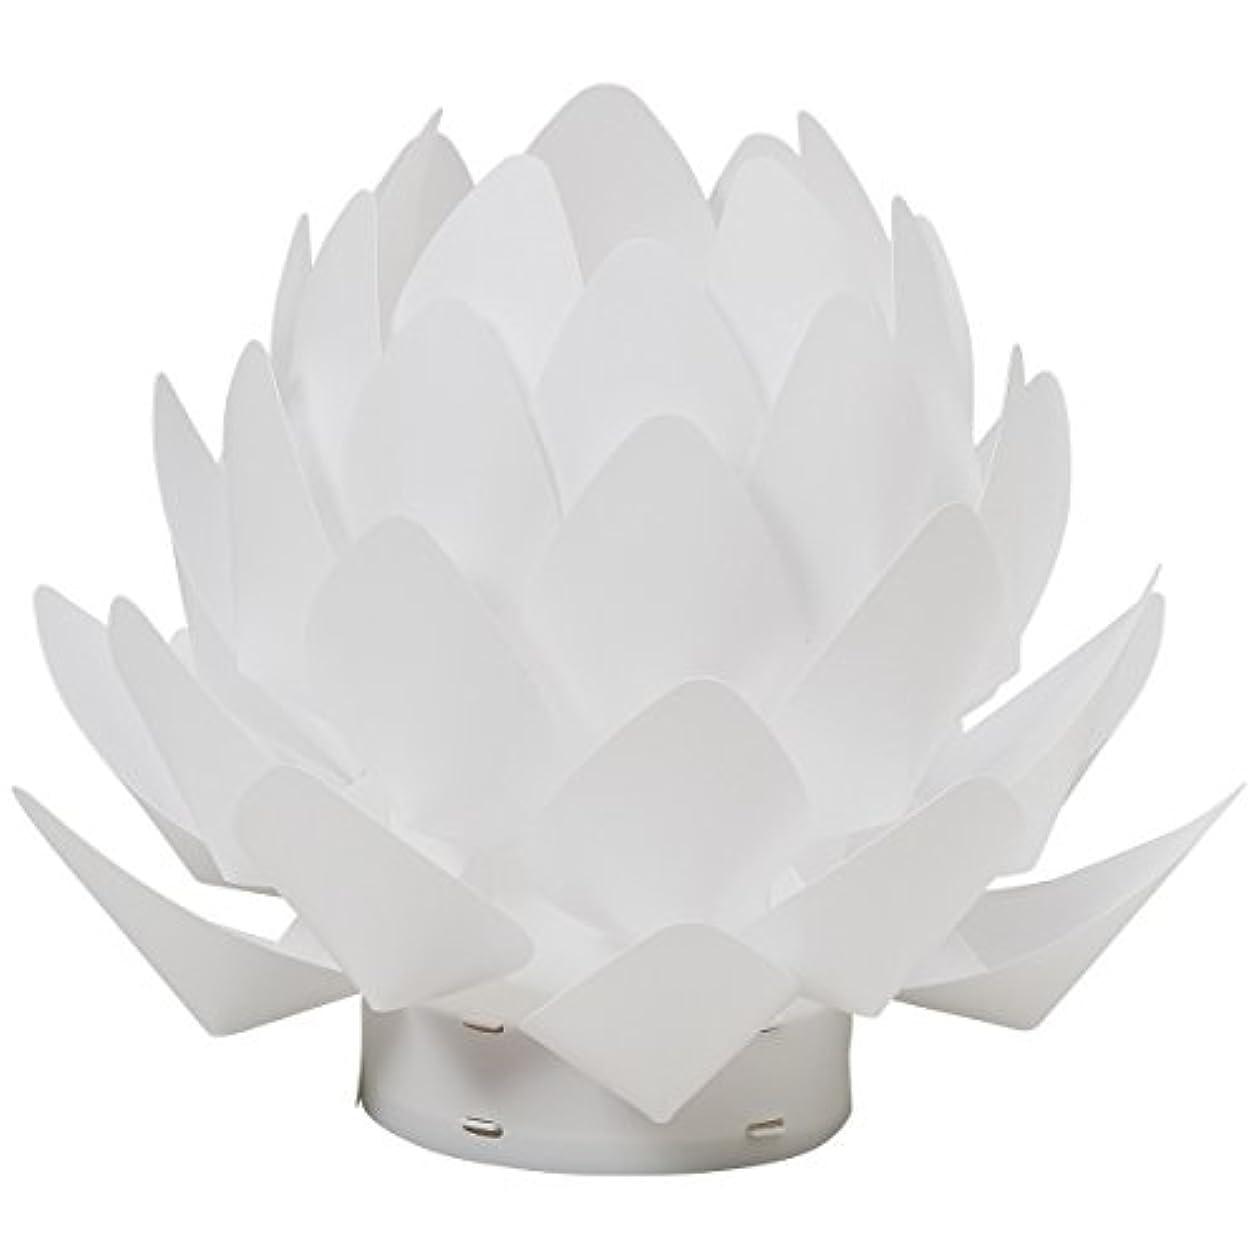 安定しました哲学カメヤマ 盆提灯 Origami-lite 蓮花 XS (間接照明)